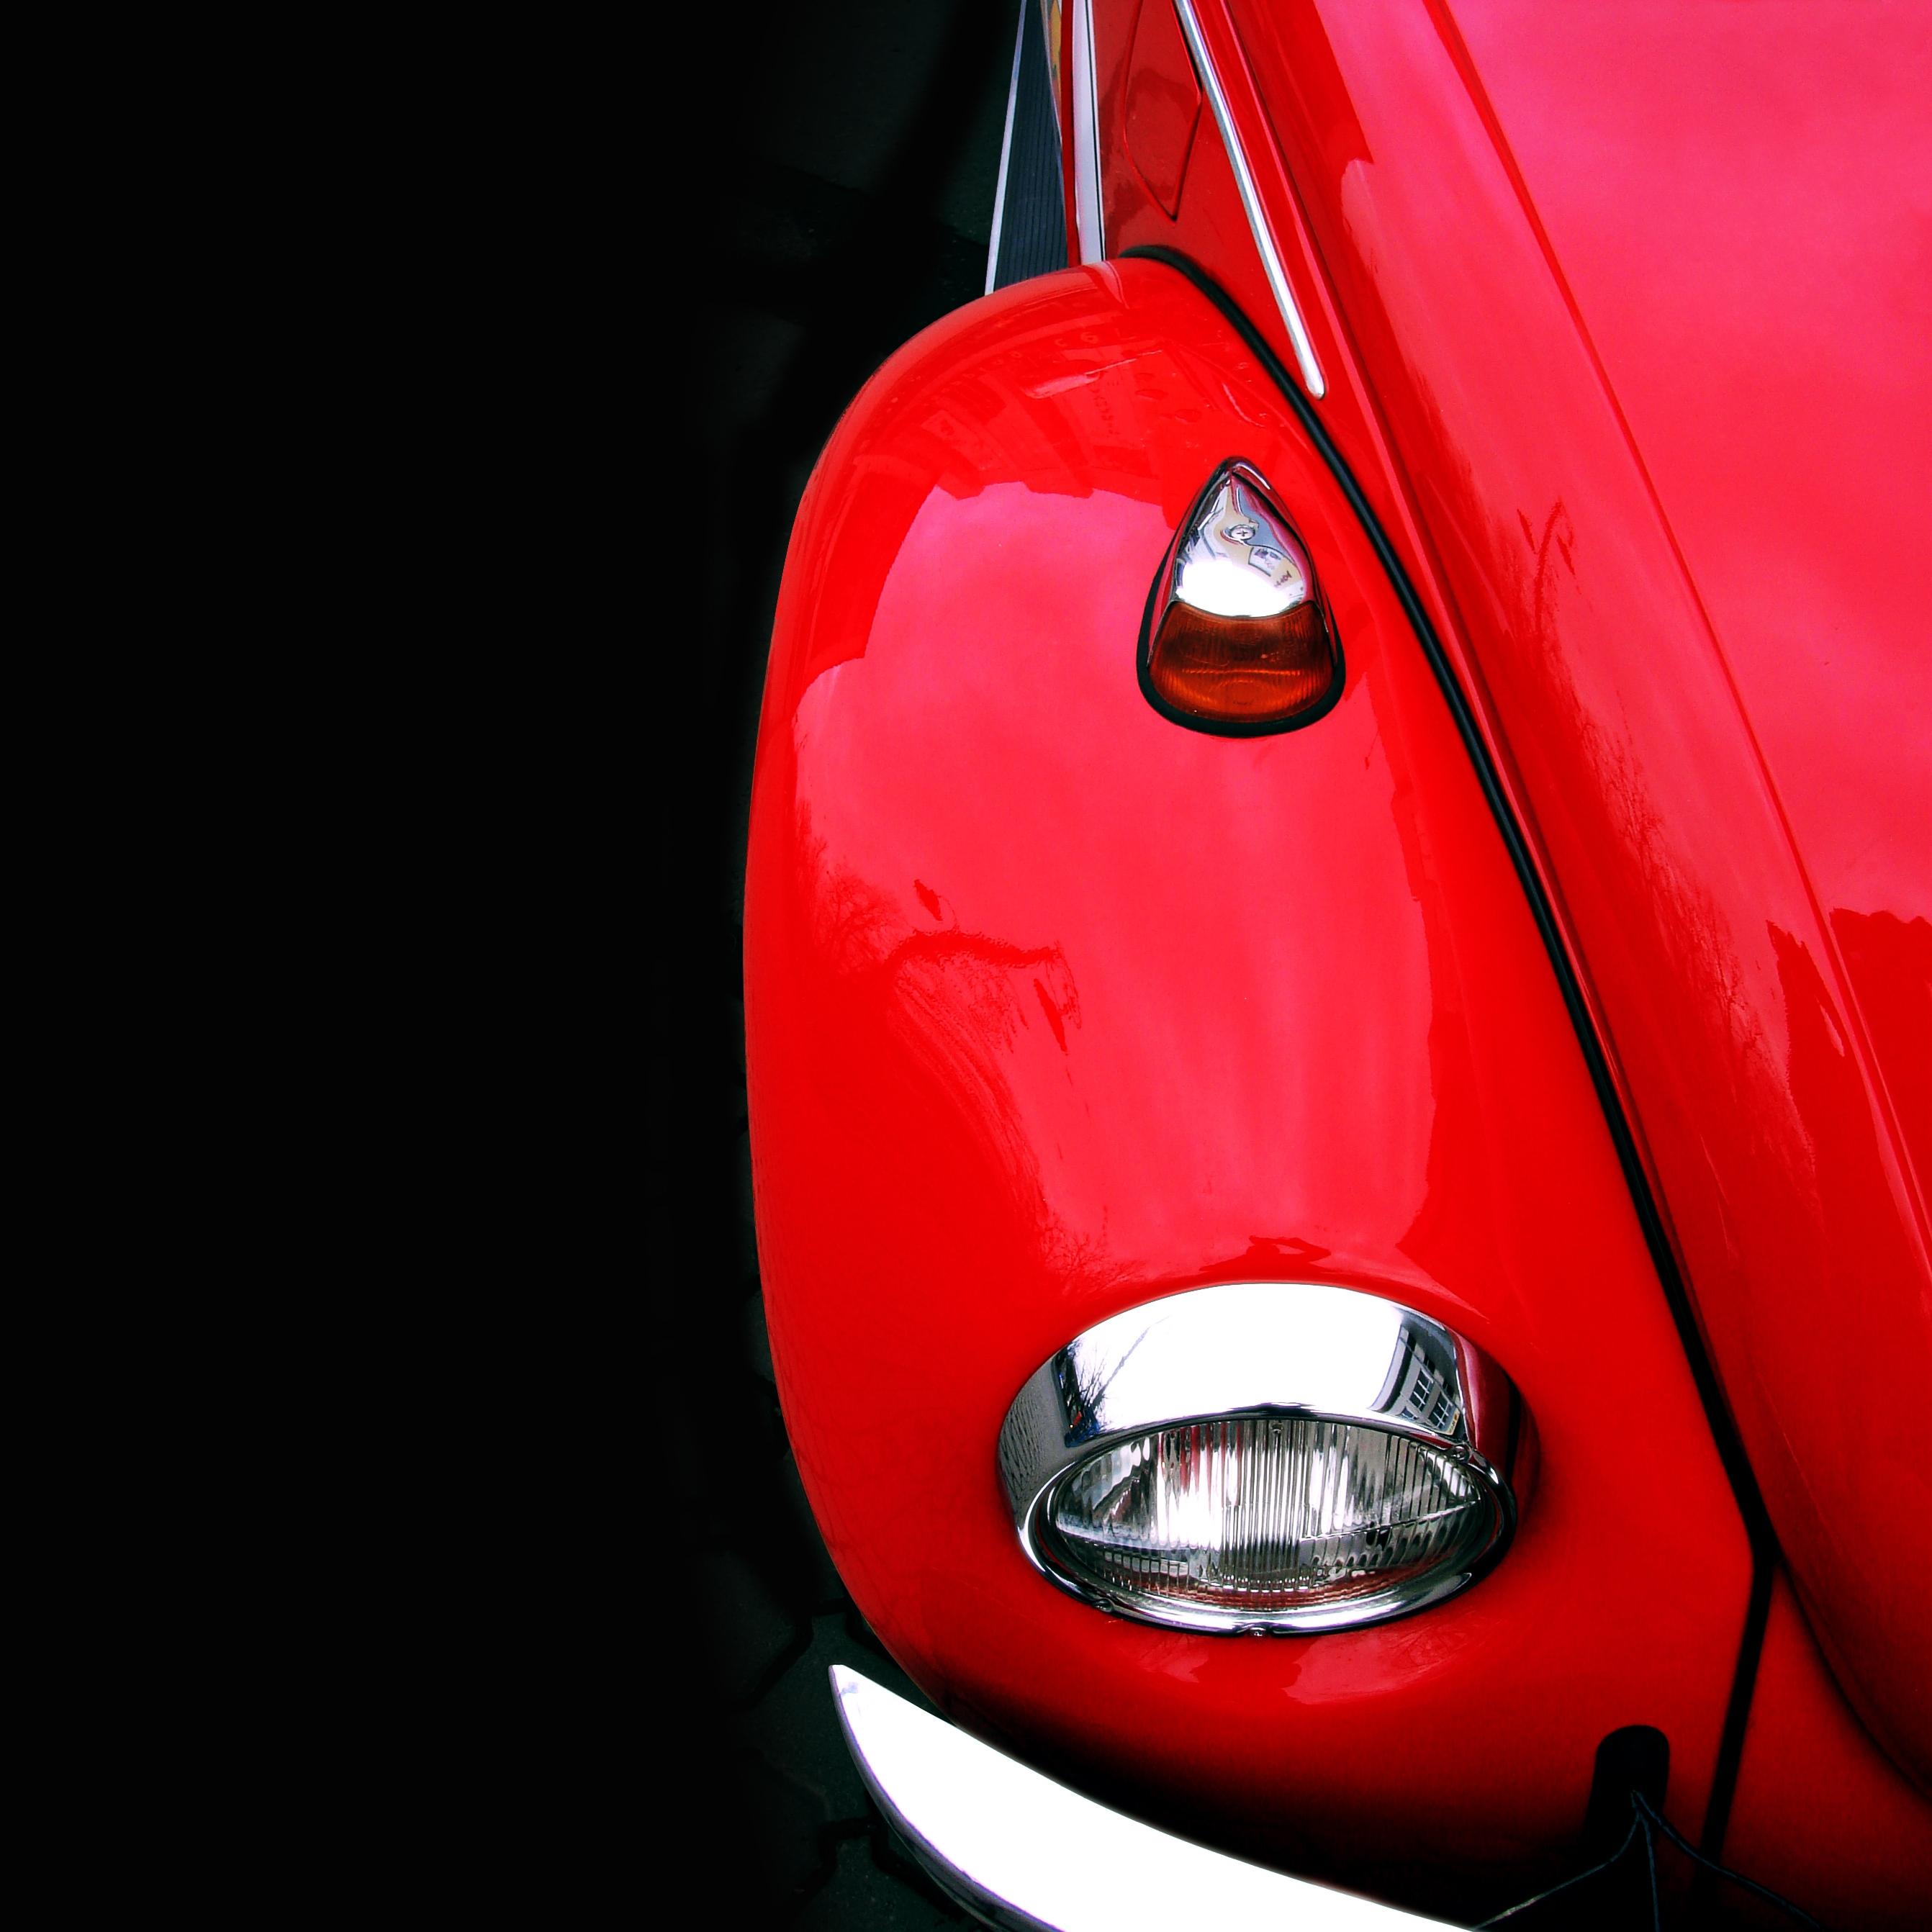 programa software erp venta taller reparacion coche | Deisa - www ...